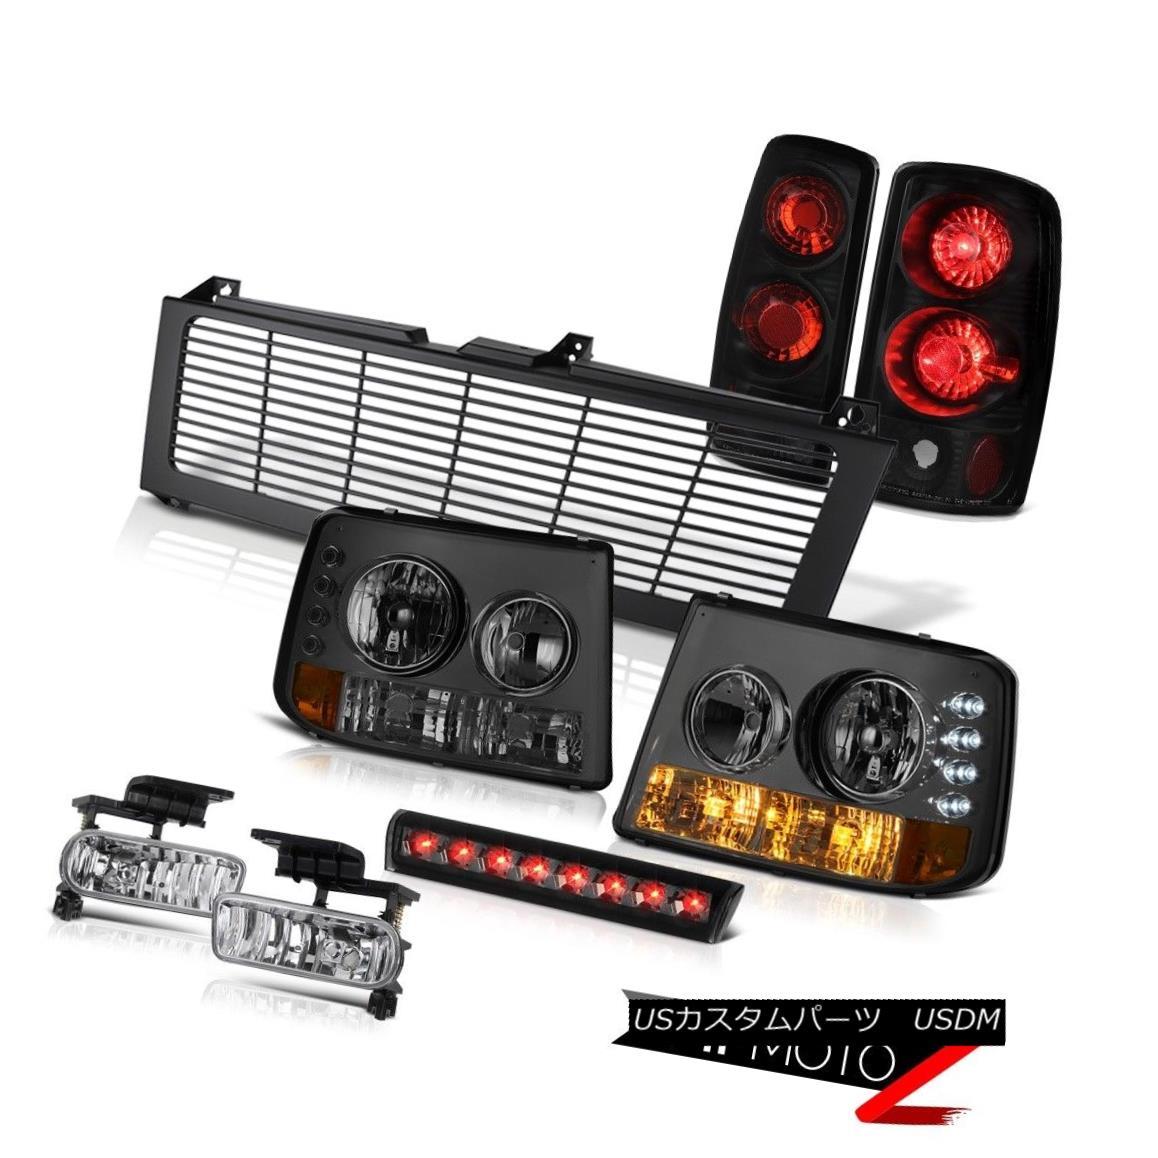 テールライト Smoke Headlamps Black Reverse Tail Lights Fog Cargo LED Grille 00-06 Tahoe LS スモークヘッドランプブラックリバーステールライトフォグカーゴLEDグリル00-06タホLS